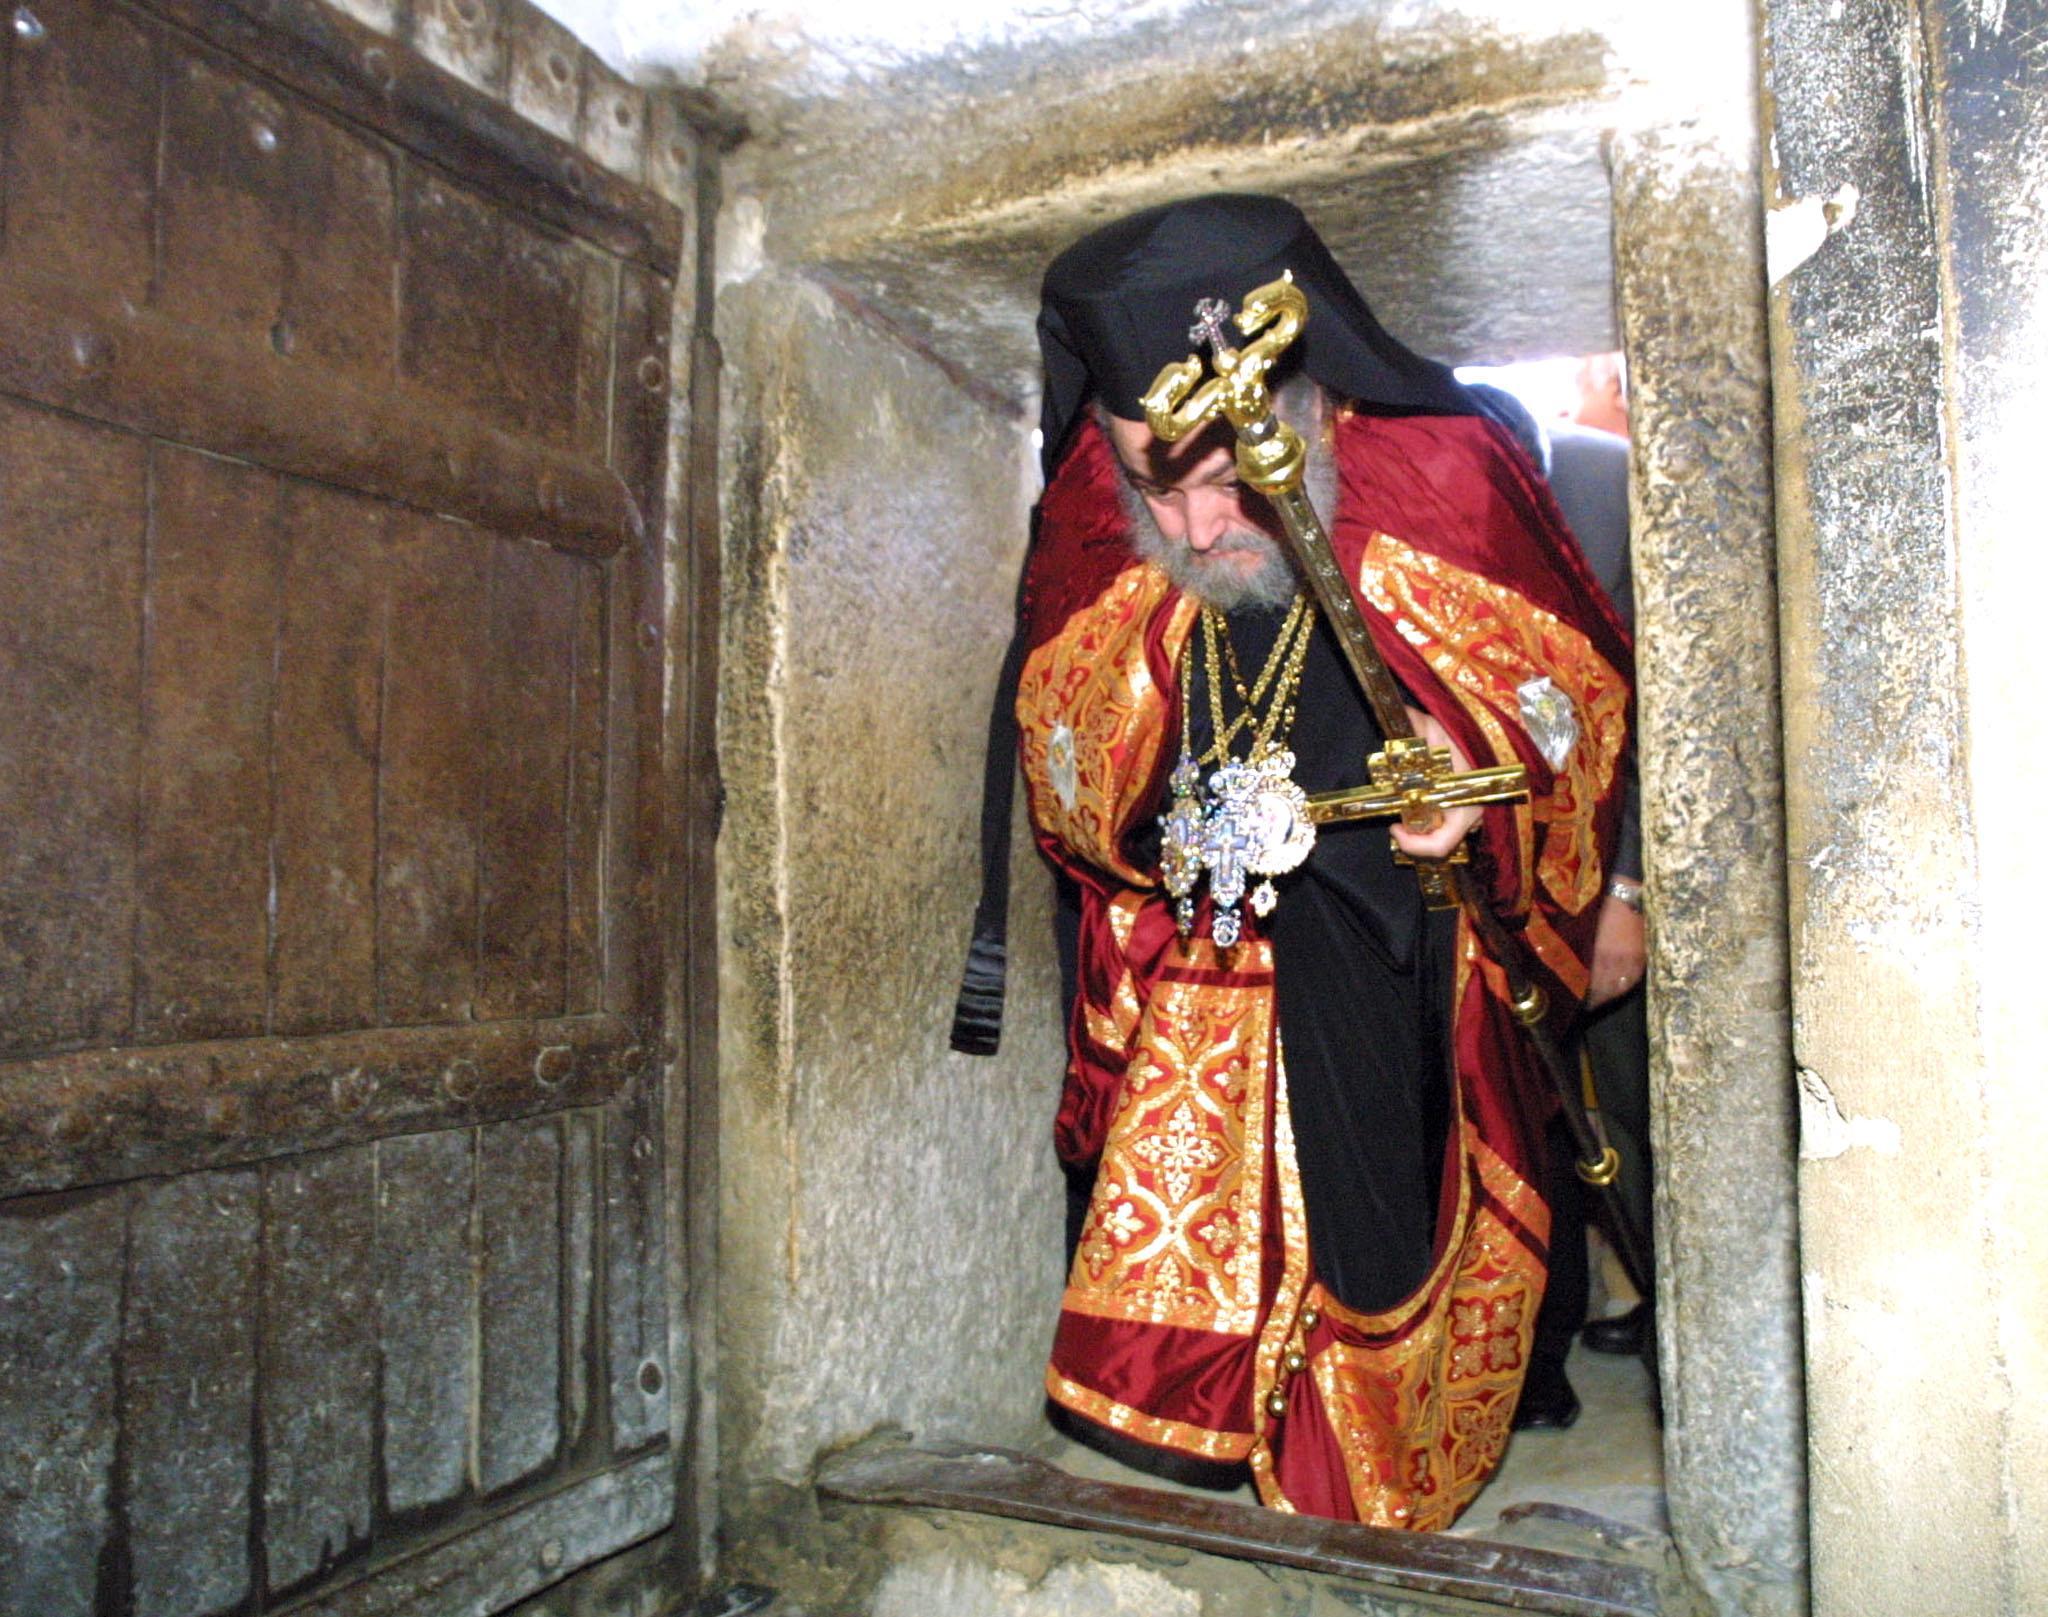 إيرينيوس البطريرك السابق للبطريركية الأرثوذكسية الشرقية في القدس يدخل من باب الكنيسة